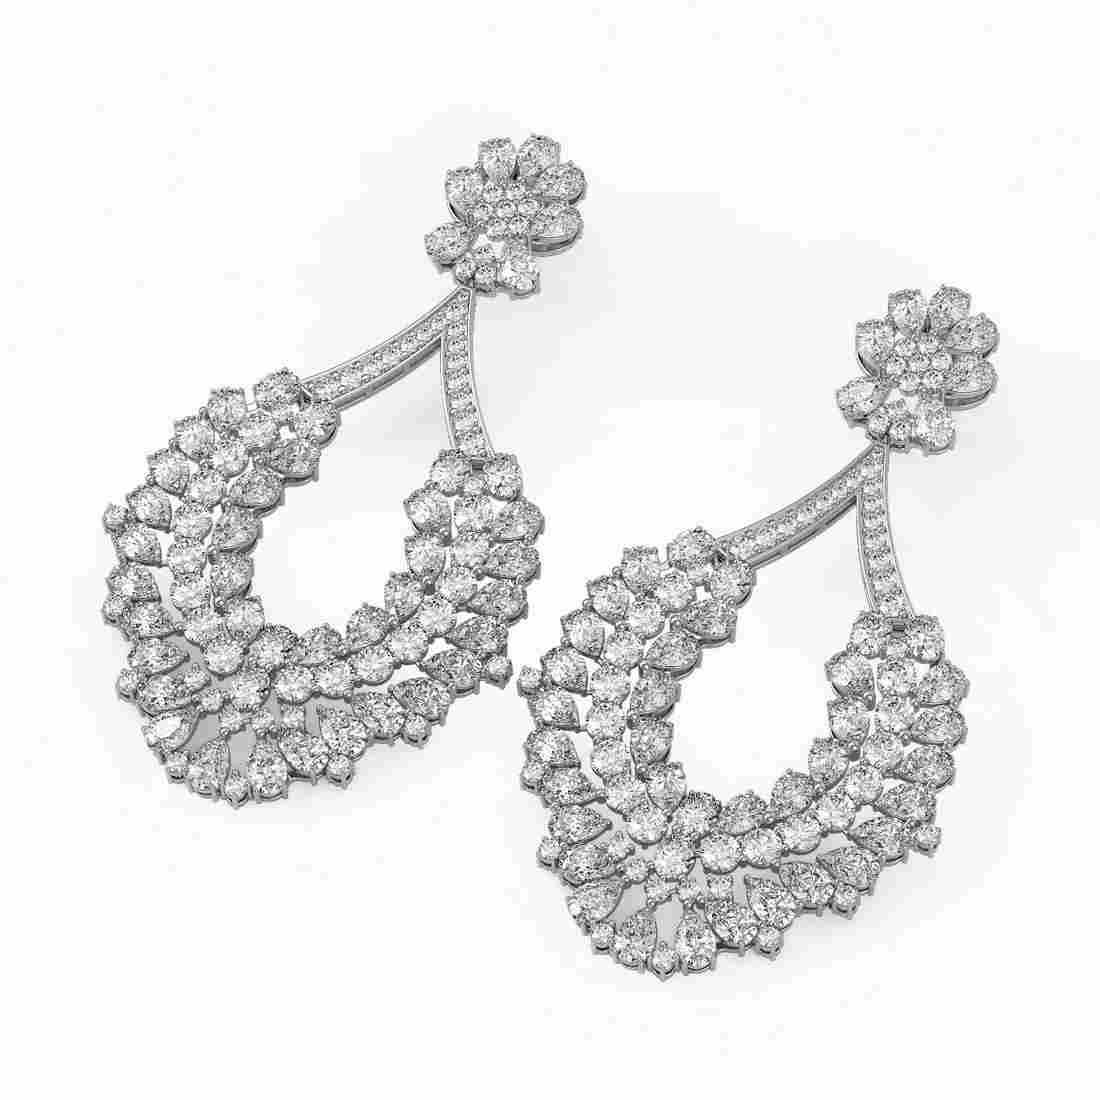 58 ctw Pear Cut Diamond Designer Earrings 18K White